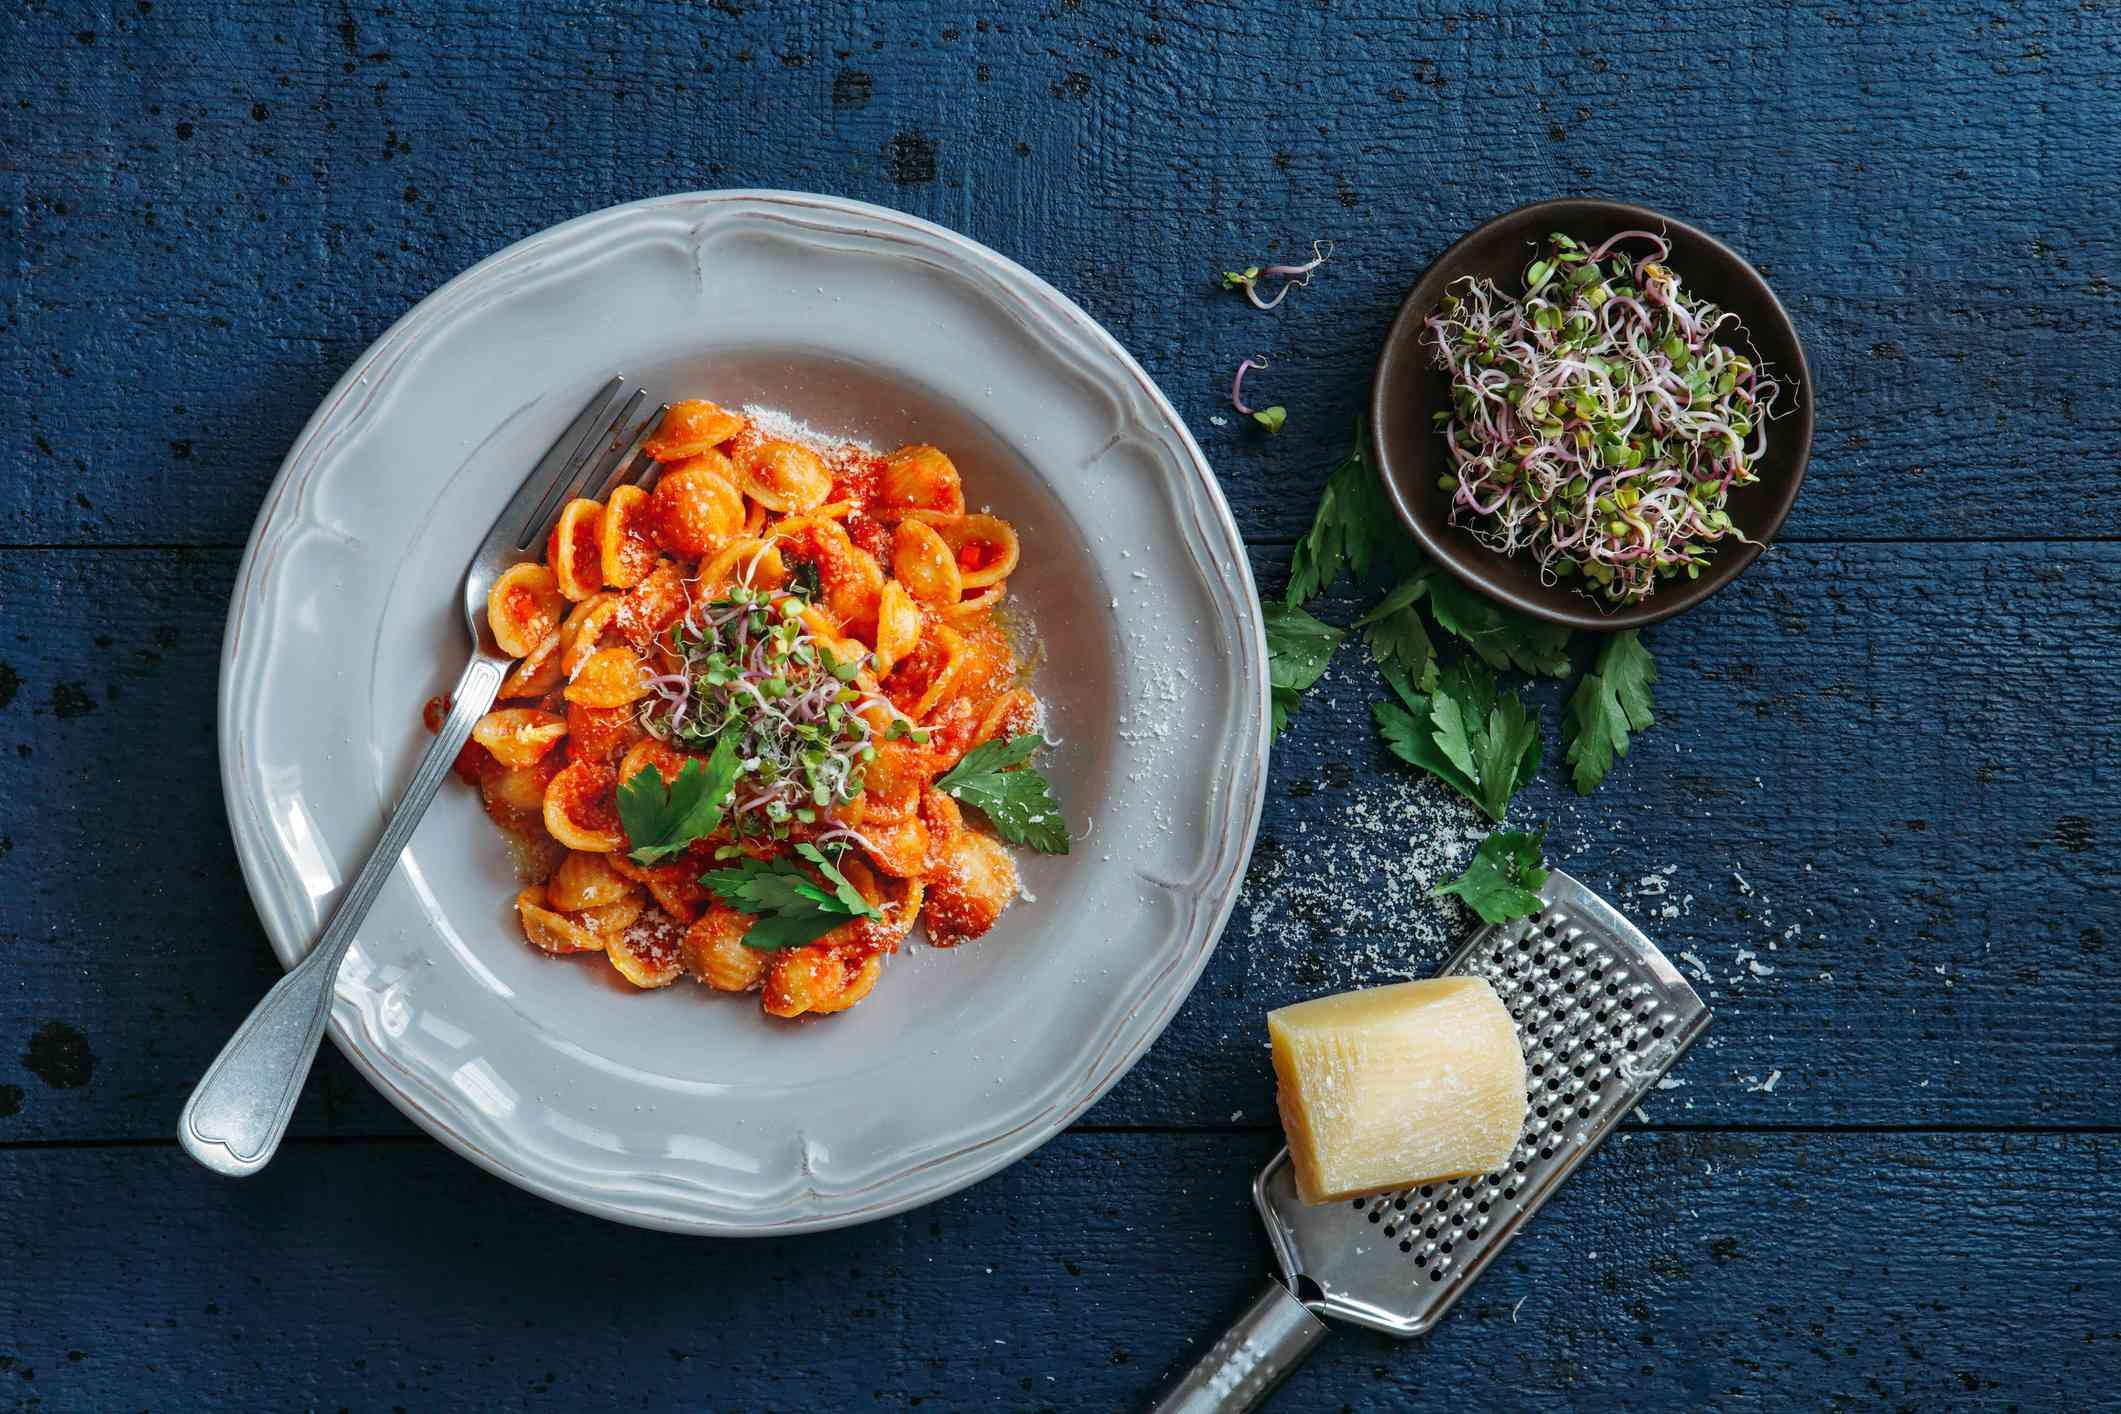 Orecchiette pasta with ricotta in tomato cream sauce